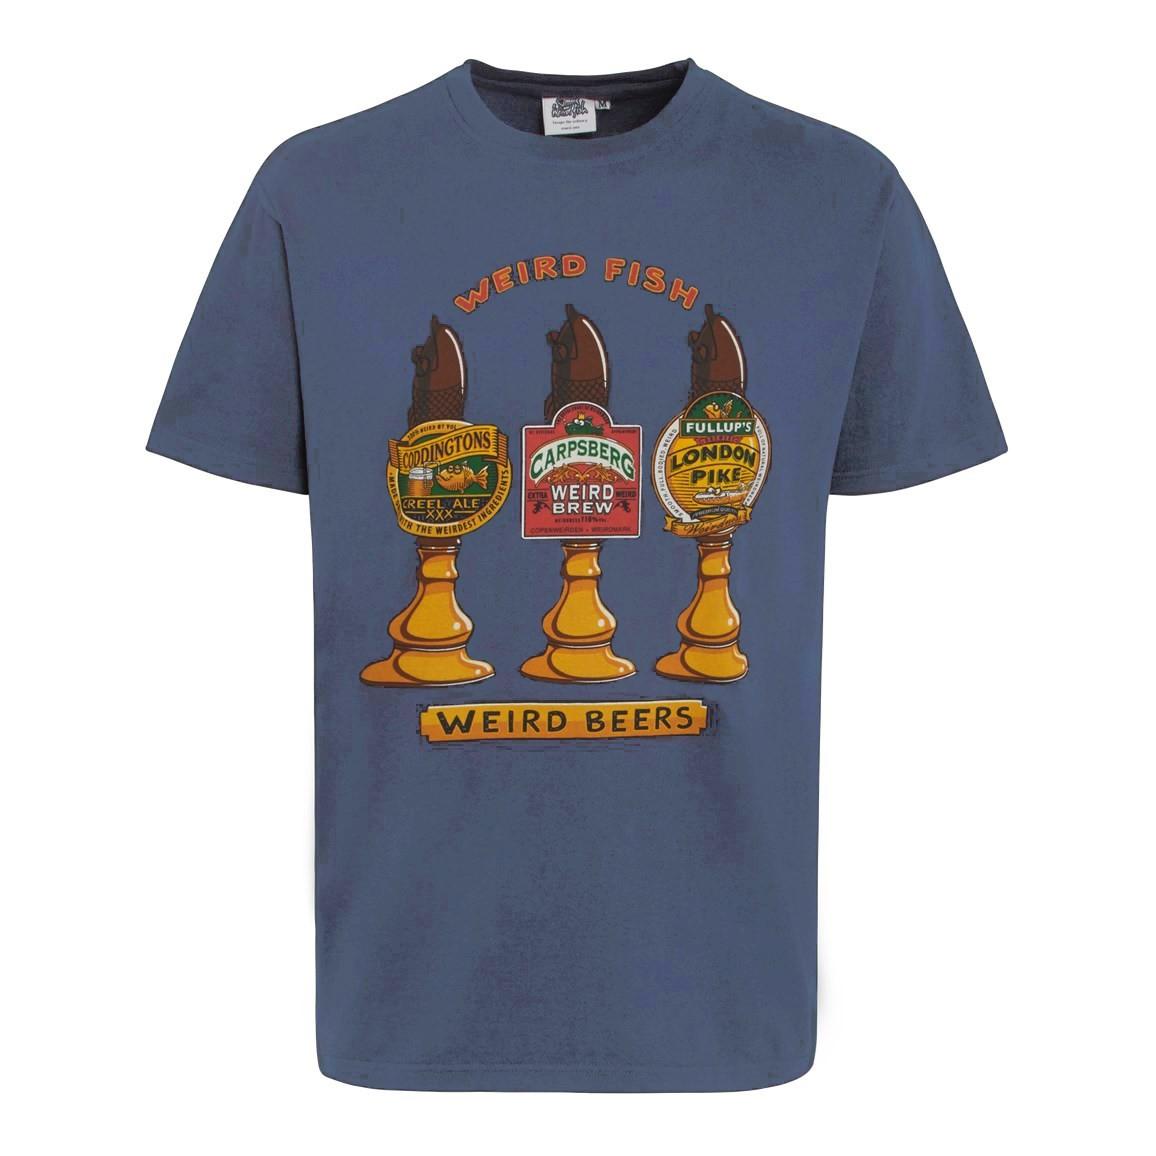 Weird Beers Artist T-Shirt Blue Mirage